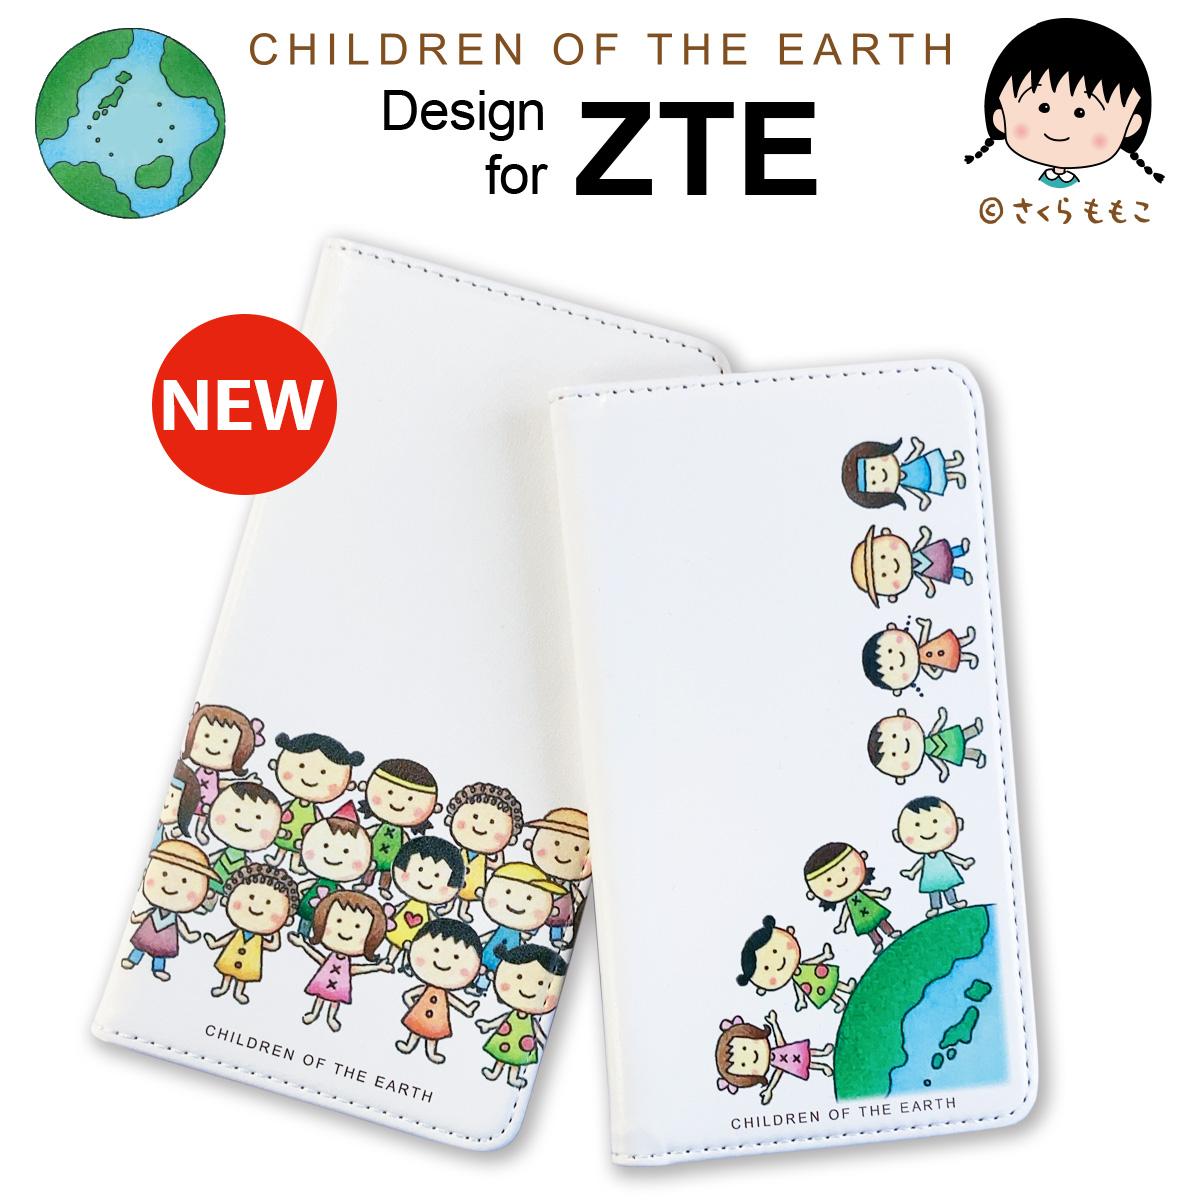 さくらももこ 地球の子供たち ZTE ケース Libero S10 Libero 5G ZTE a1 Axon 10 Pro 5G 手帳型ケース ゼットティーイー ケース 手帳型 カバー リベロ スマホケース 薄い ベルト無し 手帳型カバー カード収納 パス入れ ブック型カバー 軽い